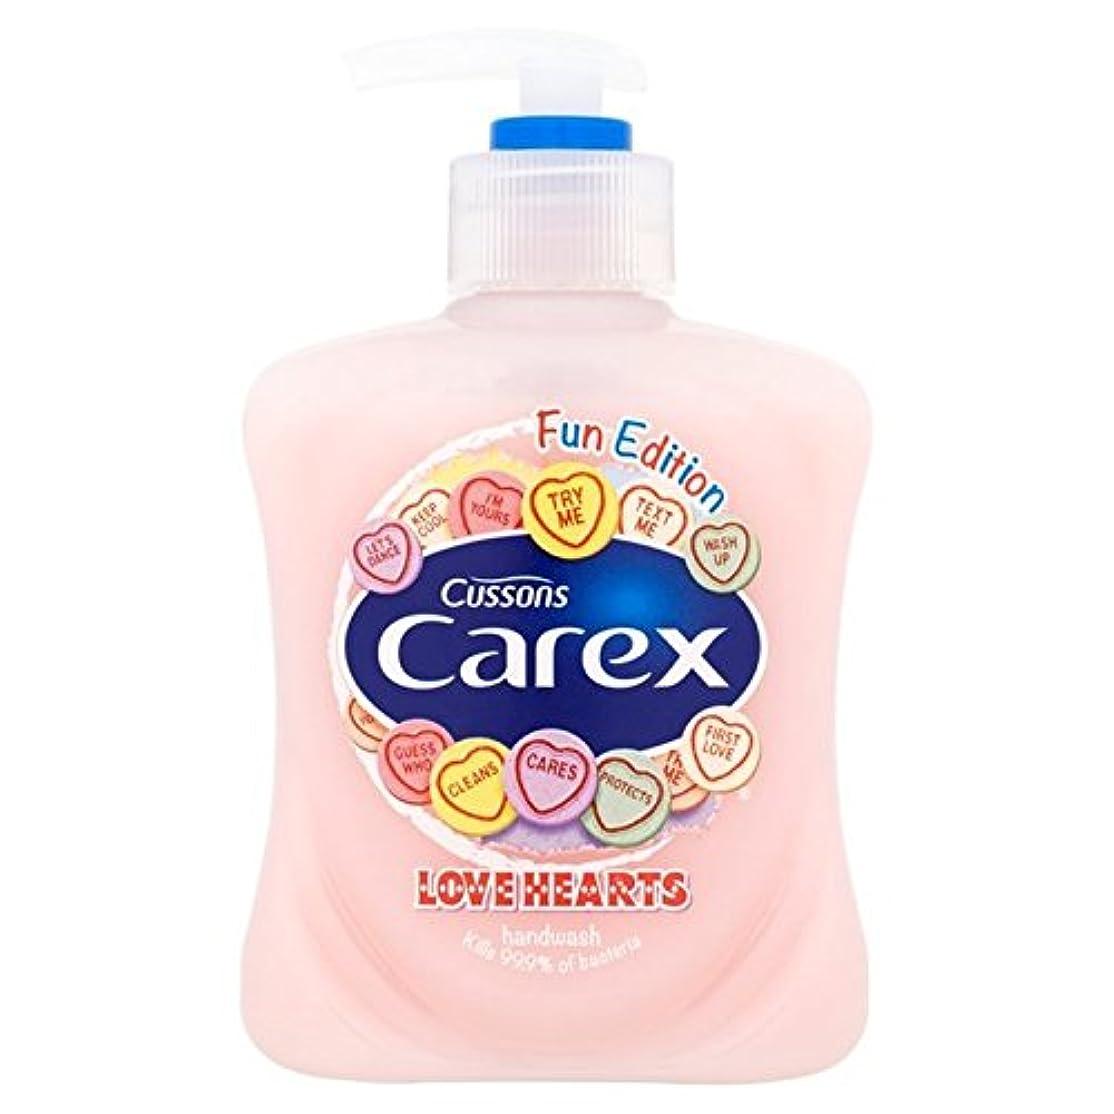 参照する配分敬礼Carex Fun Edition Love Hearts Hand Wash 250ml - スゲ楽しい版愛の心のハンドウォッシュ250ミリリットル [並行輸入品]